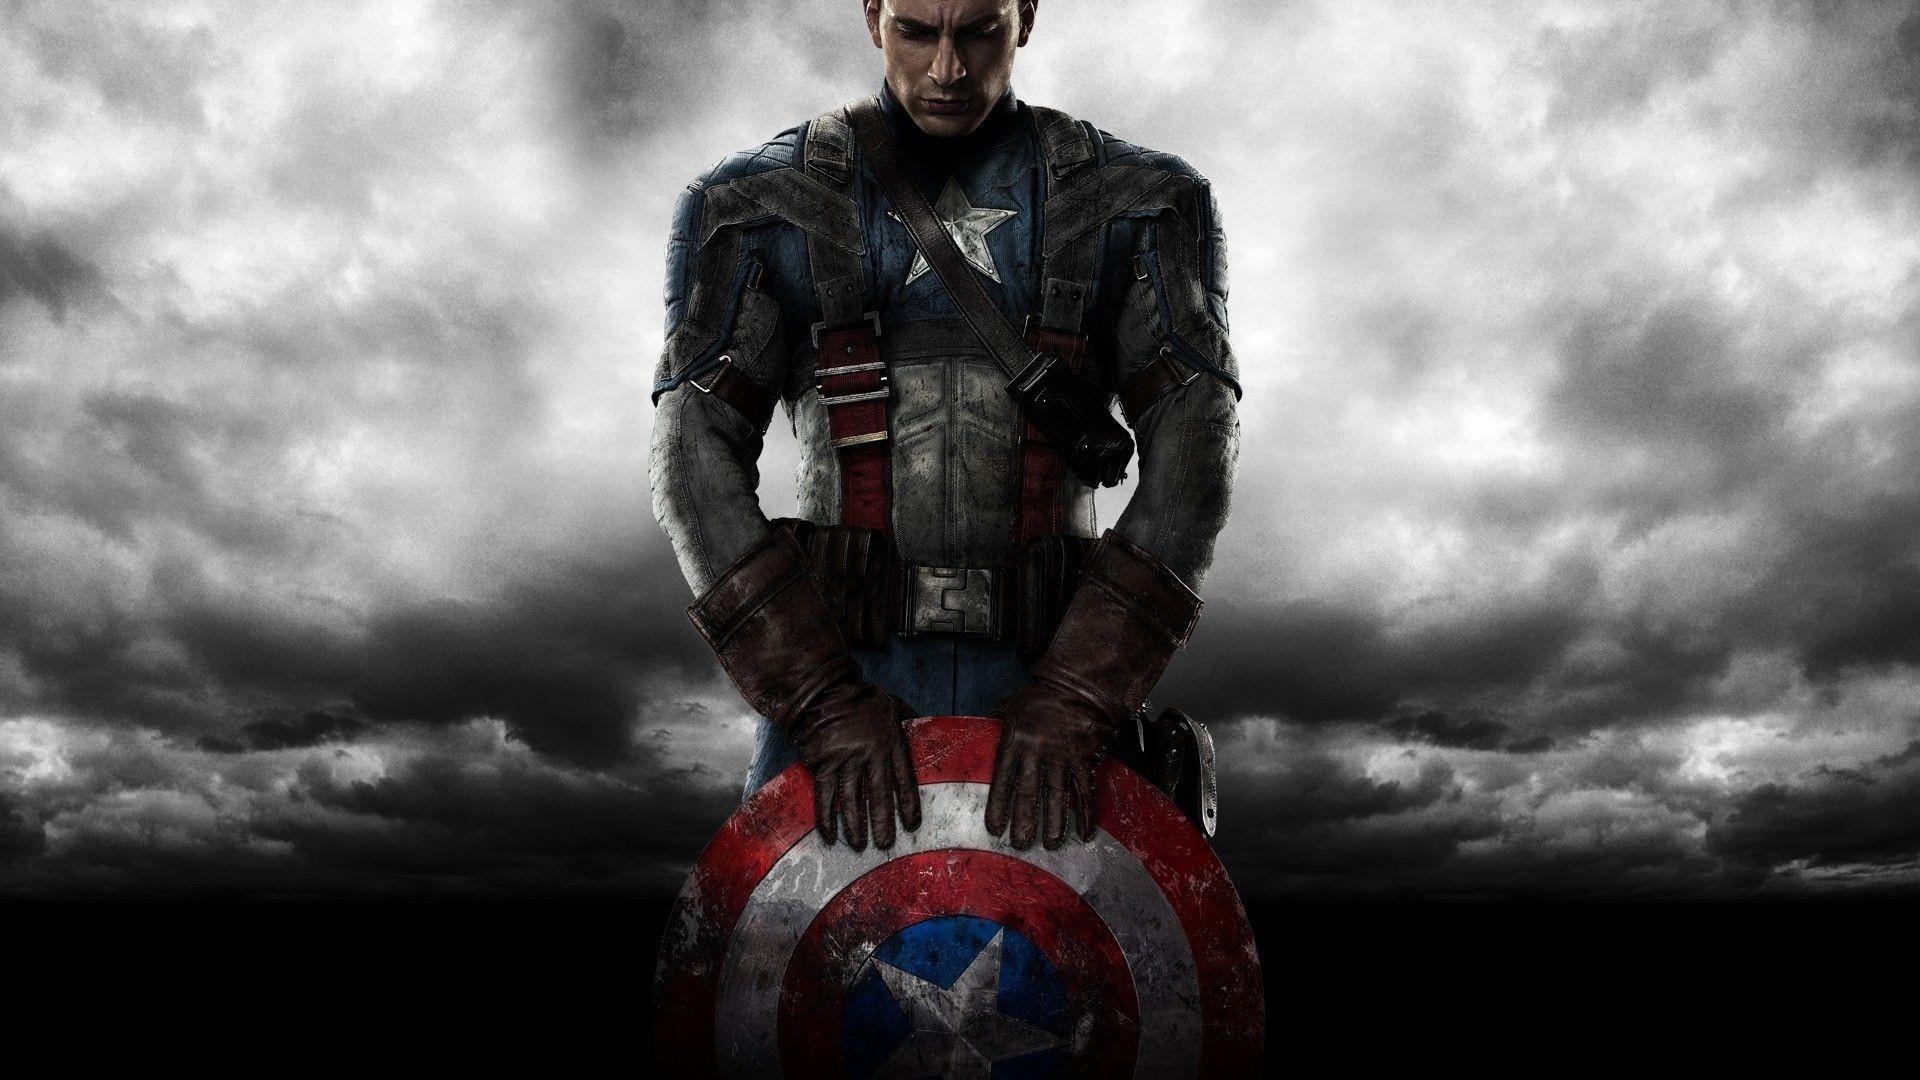 Captain america civil war desktop wallpaper 77 images - American civil war wallpaper ...